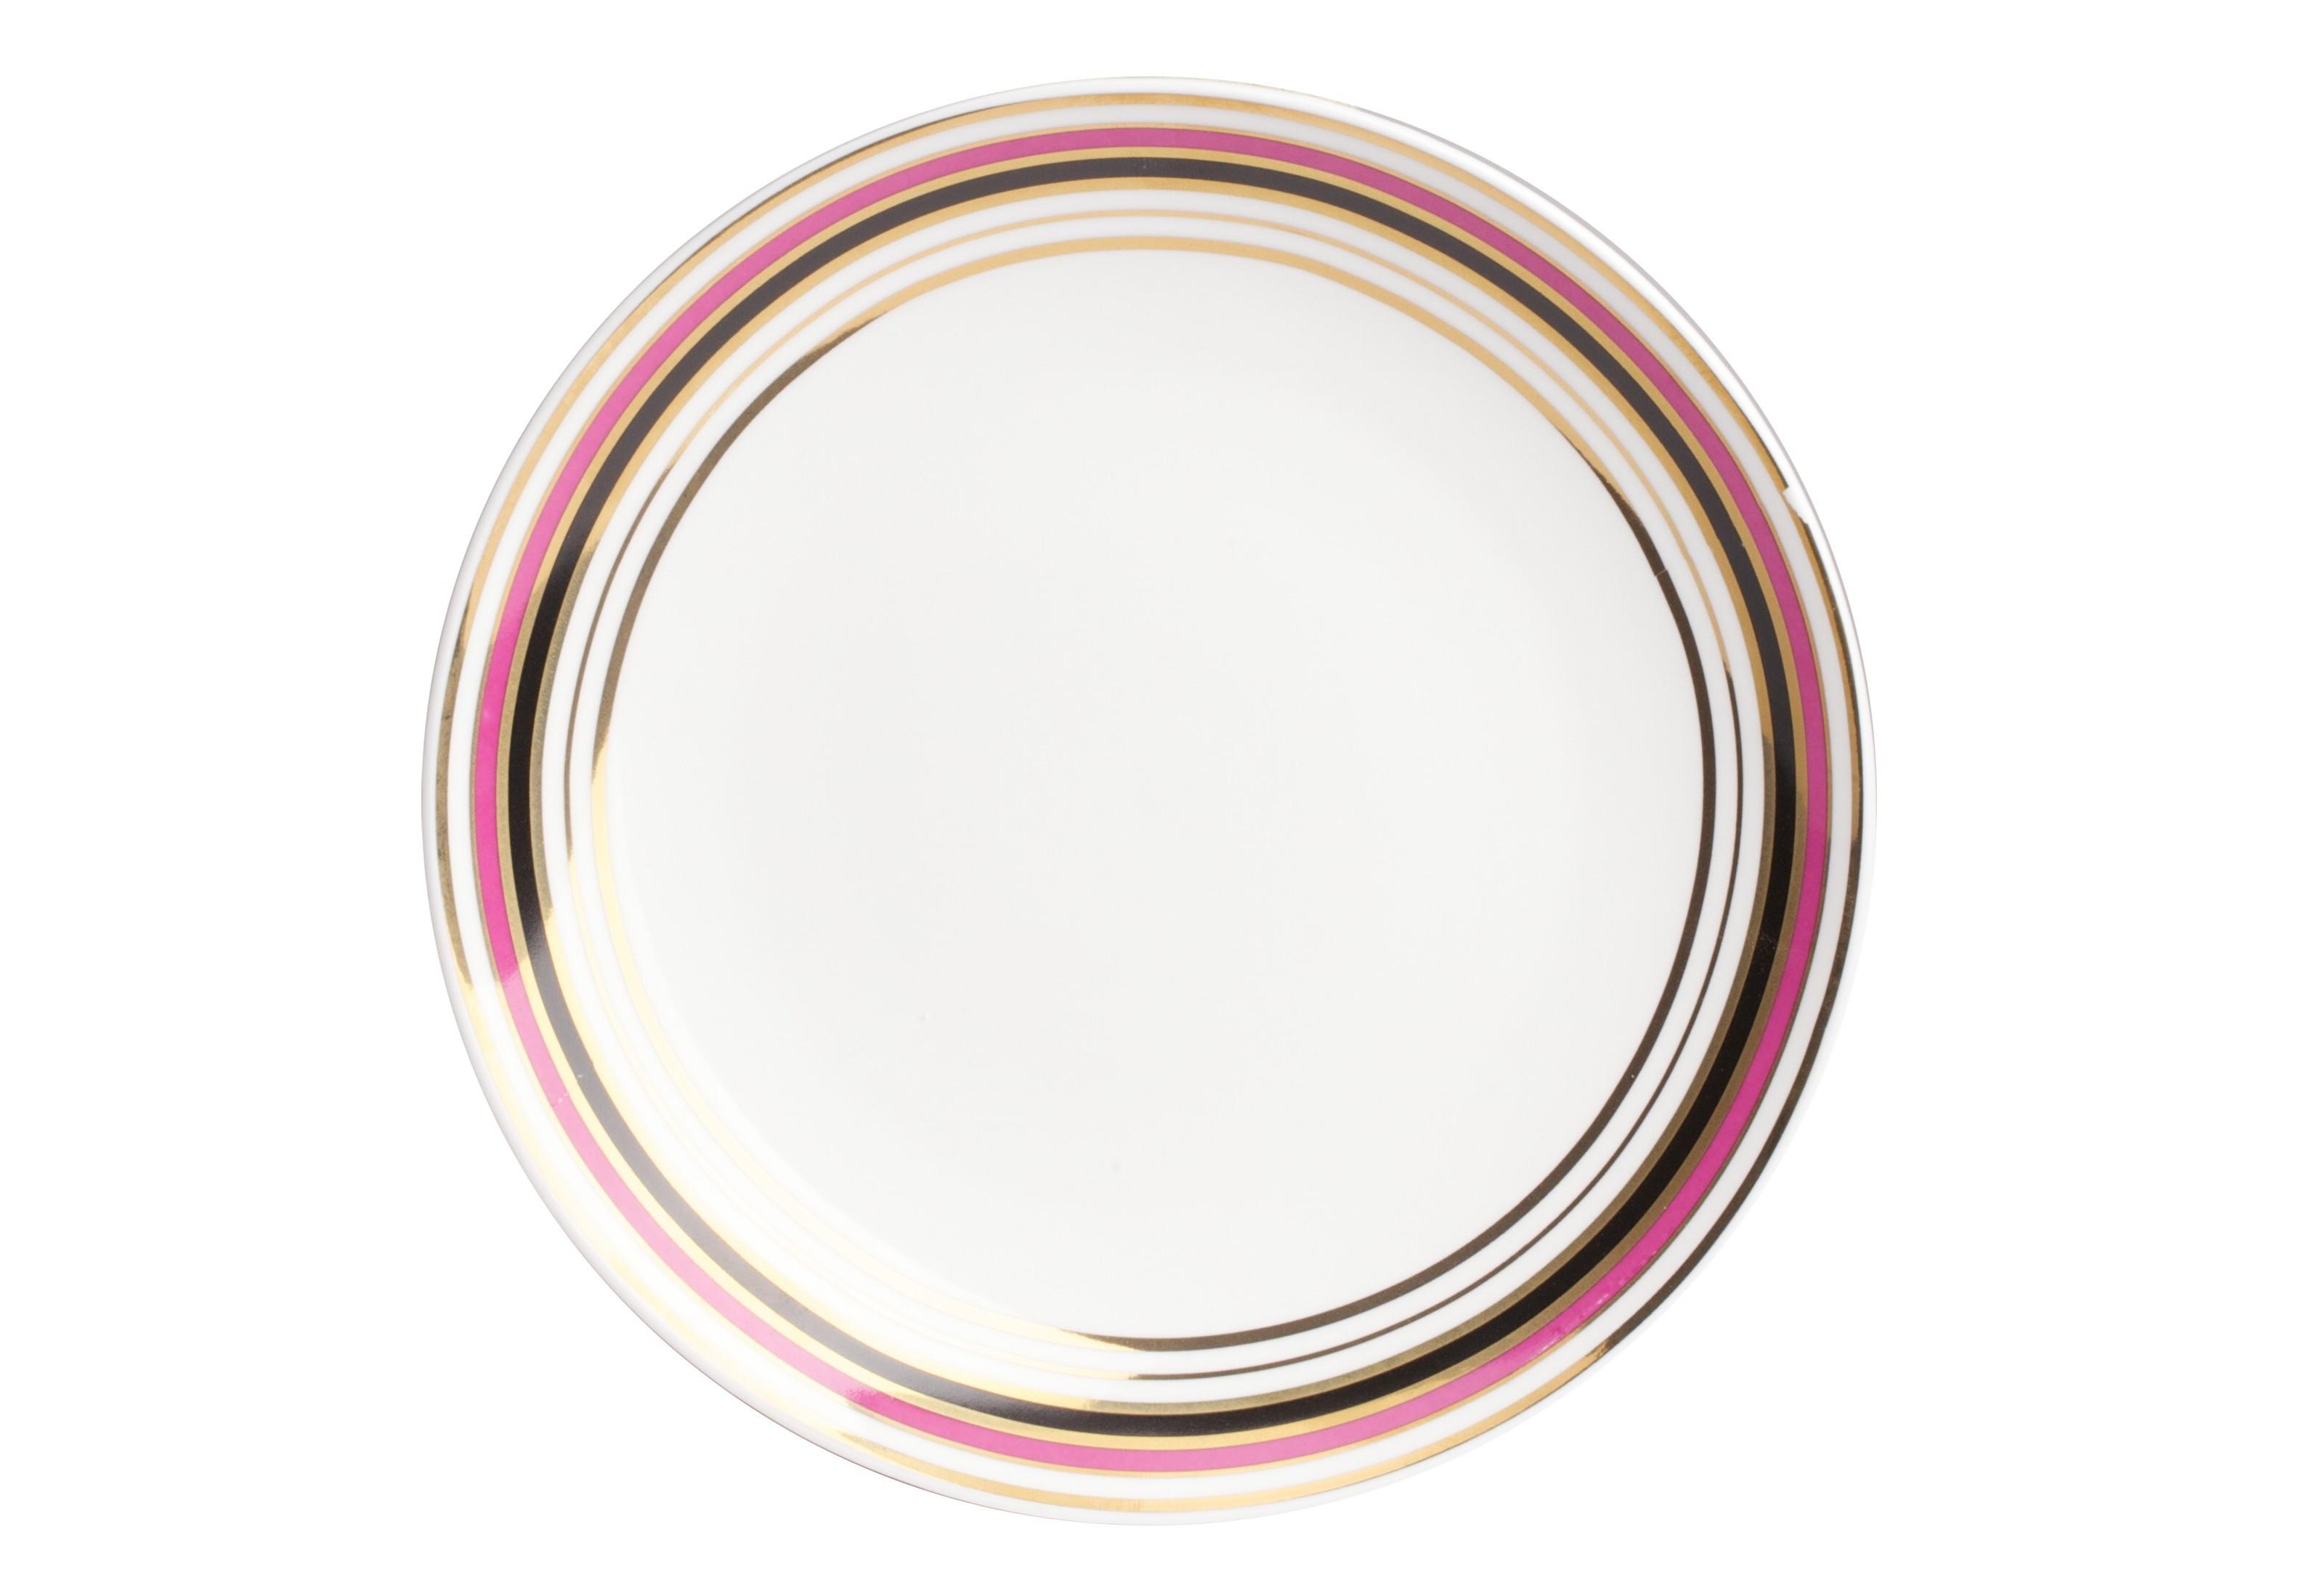 Тарелка EclecticТарелки<br>Тарелка Eclectic II из грубой керамики декорирована многоцветным орнаментом в виде окантовки по краю тарелки. Дно тарелки остаётся белым. Стиль эклектик в переводе означает — выбираю. Поэтому тарелка, разная по художественному смыслу, но изготовленная в одной цветовой гамме, прекрасно сочетаясь с блюдом Eclectic II, представленным в нашем интернет-магазине, создадут уникальную сервировку стола.<br><br>Material: Керамика<br>Height см: 2<br>Diameter см: 20